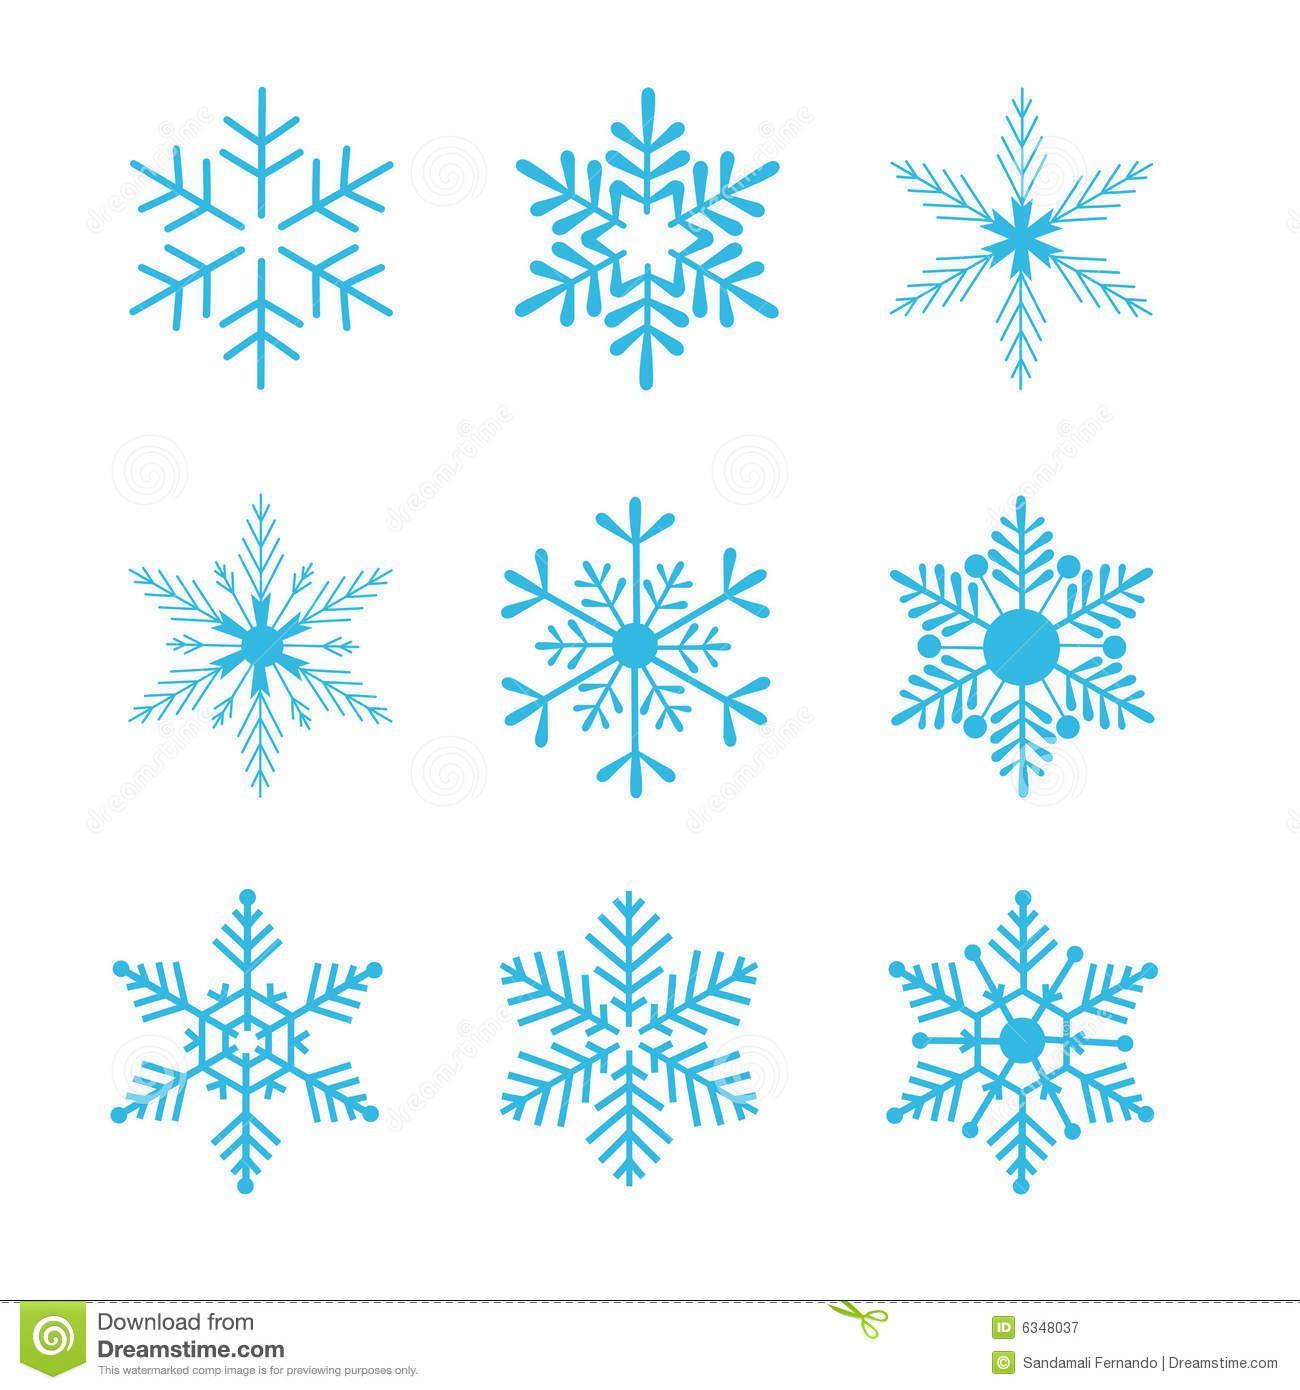 Bien connu Wallpapers , Images & Photos pour flocon de neige dessin bleu  CP66